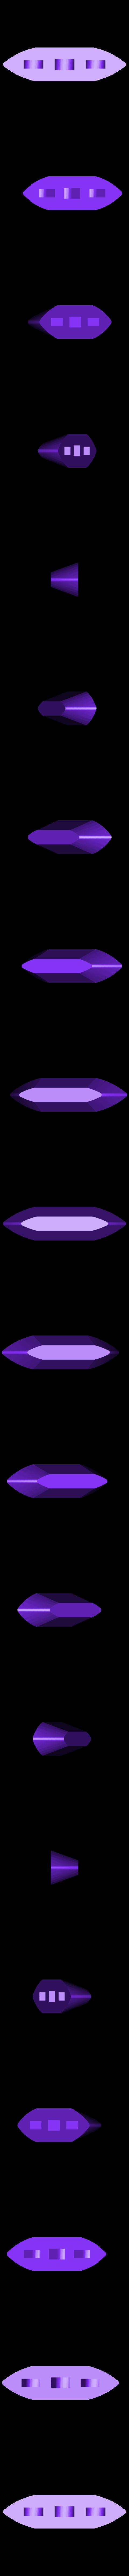 5_Buck_Boat_Base_002.STL Télécharger fichier STL gratuit 5 BUCK BOAT ! • Modèle pour imprimante 3D, Tarnliare